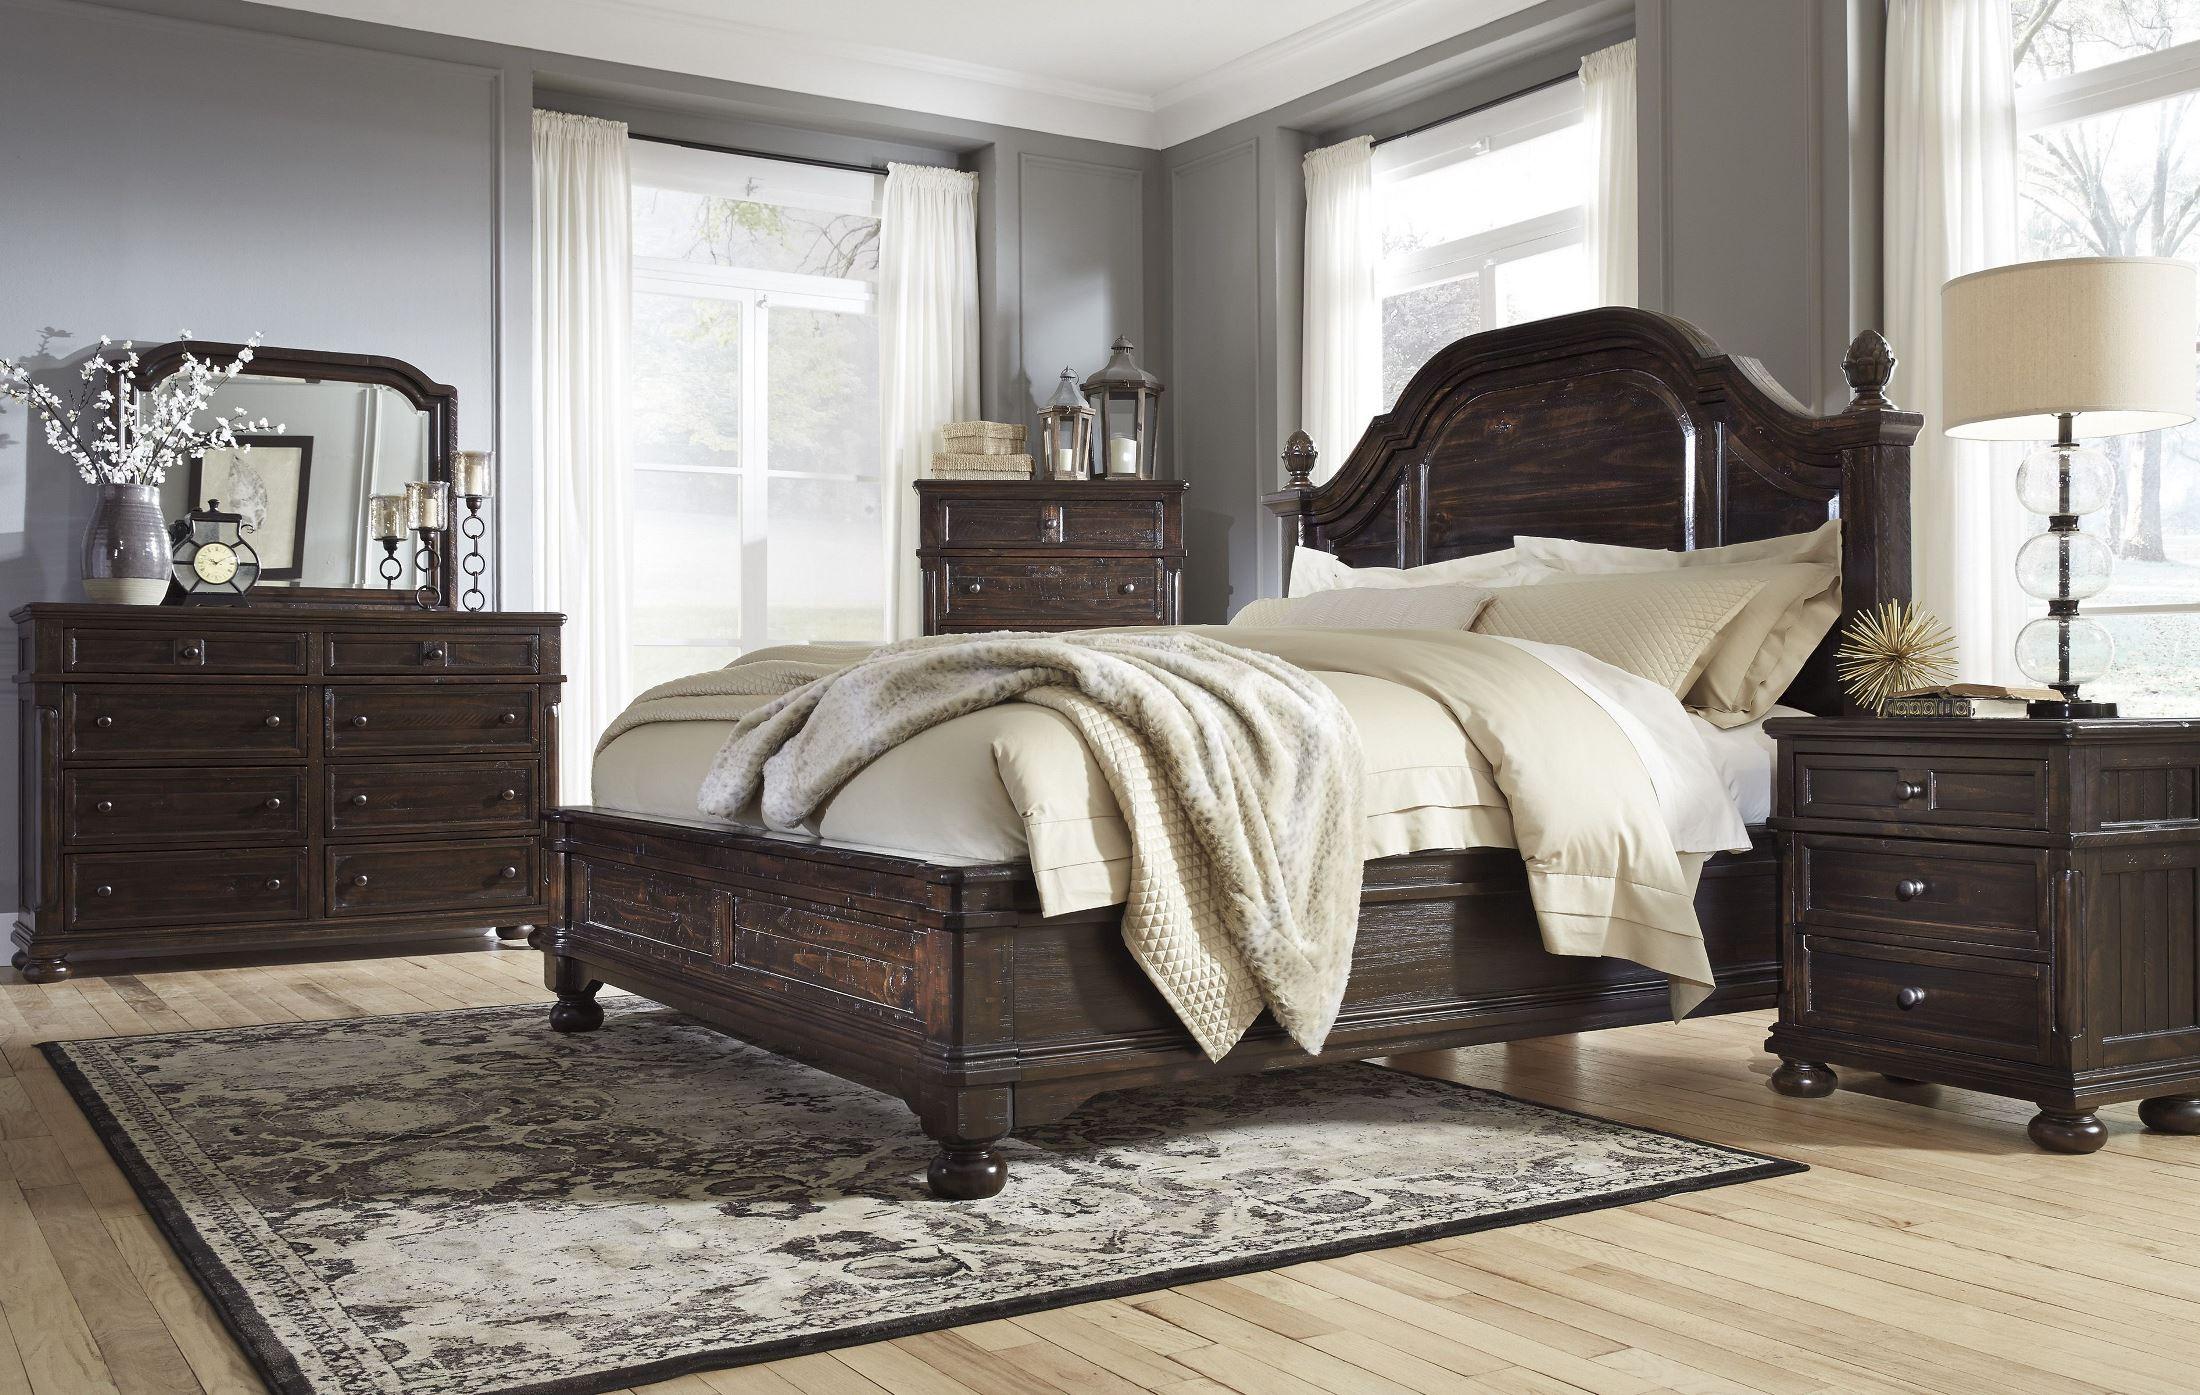 gerlane dark brown platform bedroom set b657 54 57 ashley. Black Bedroom Furniture Sets. Home Design Ideas